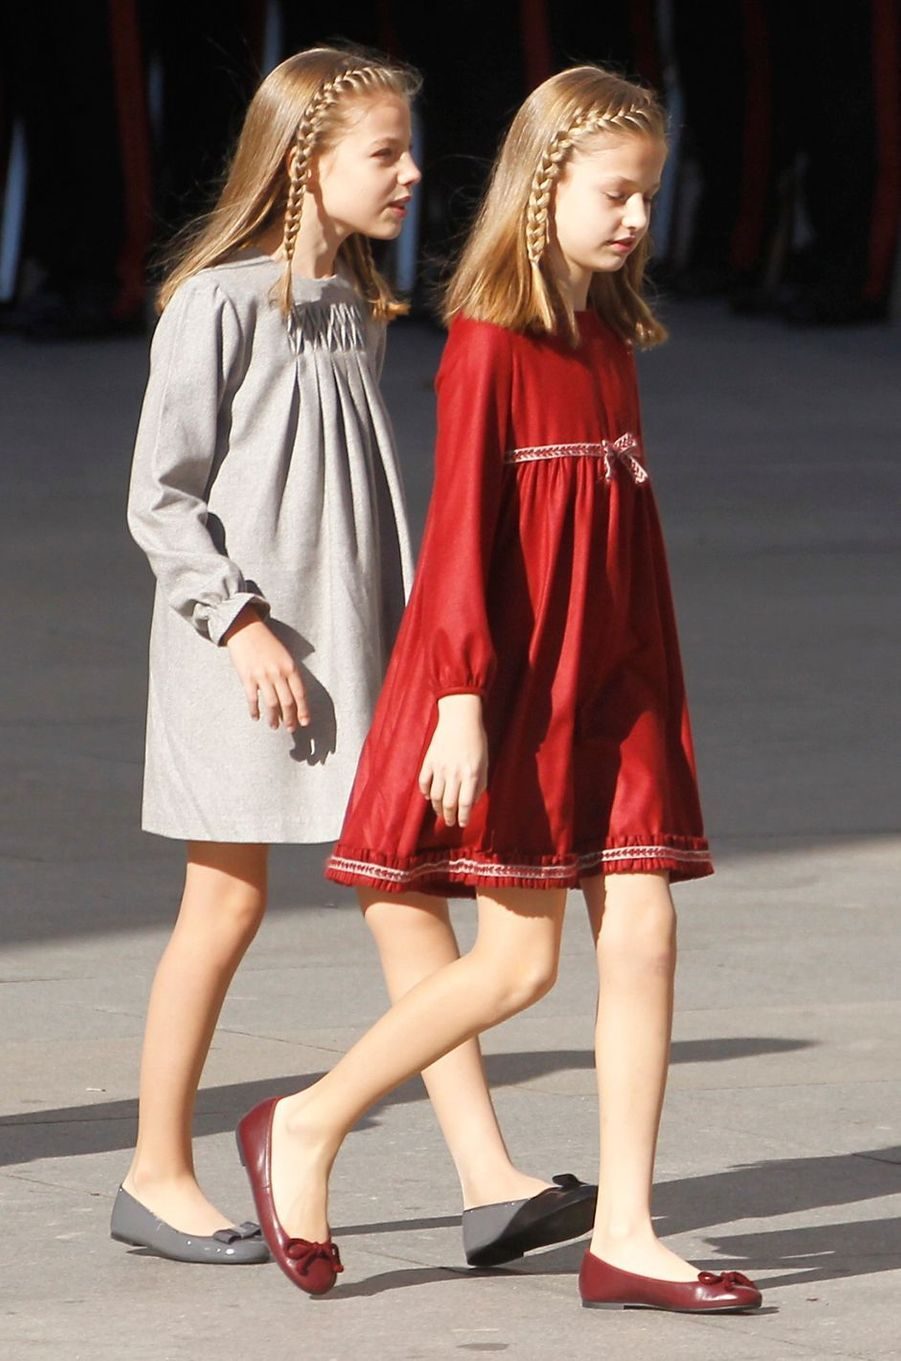 Les princesses Sofia et Leonor d'Espagne à Madrid, le 17 novembre 2016